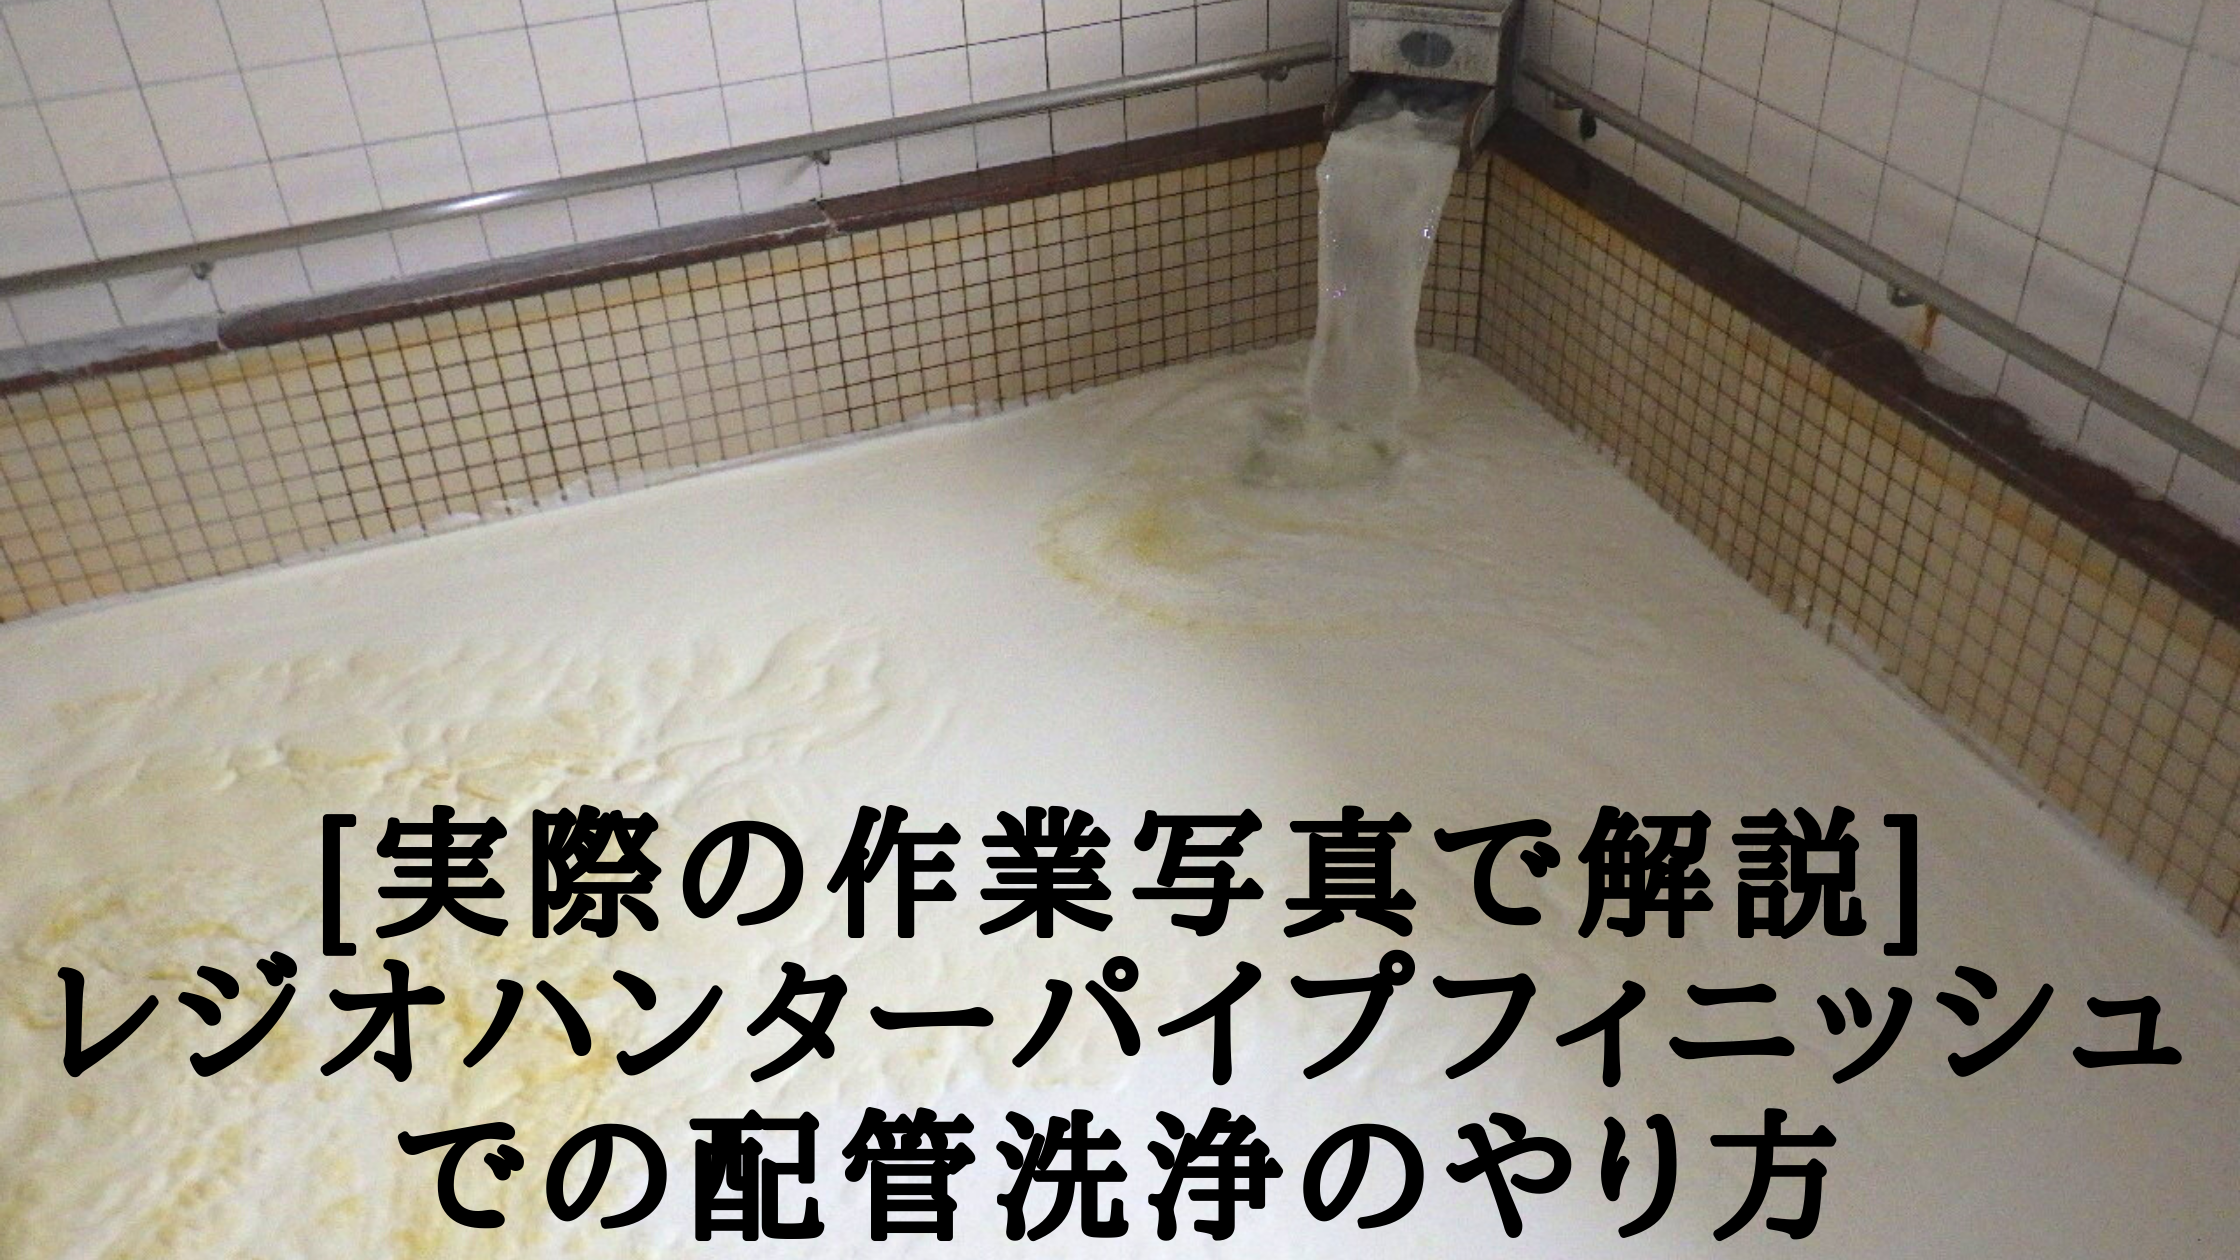 [実際の作業写真で解説]レジオハンターパイプフィニッシュでの配管洗浄のやり方